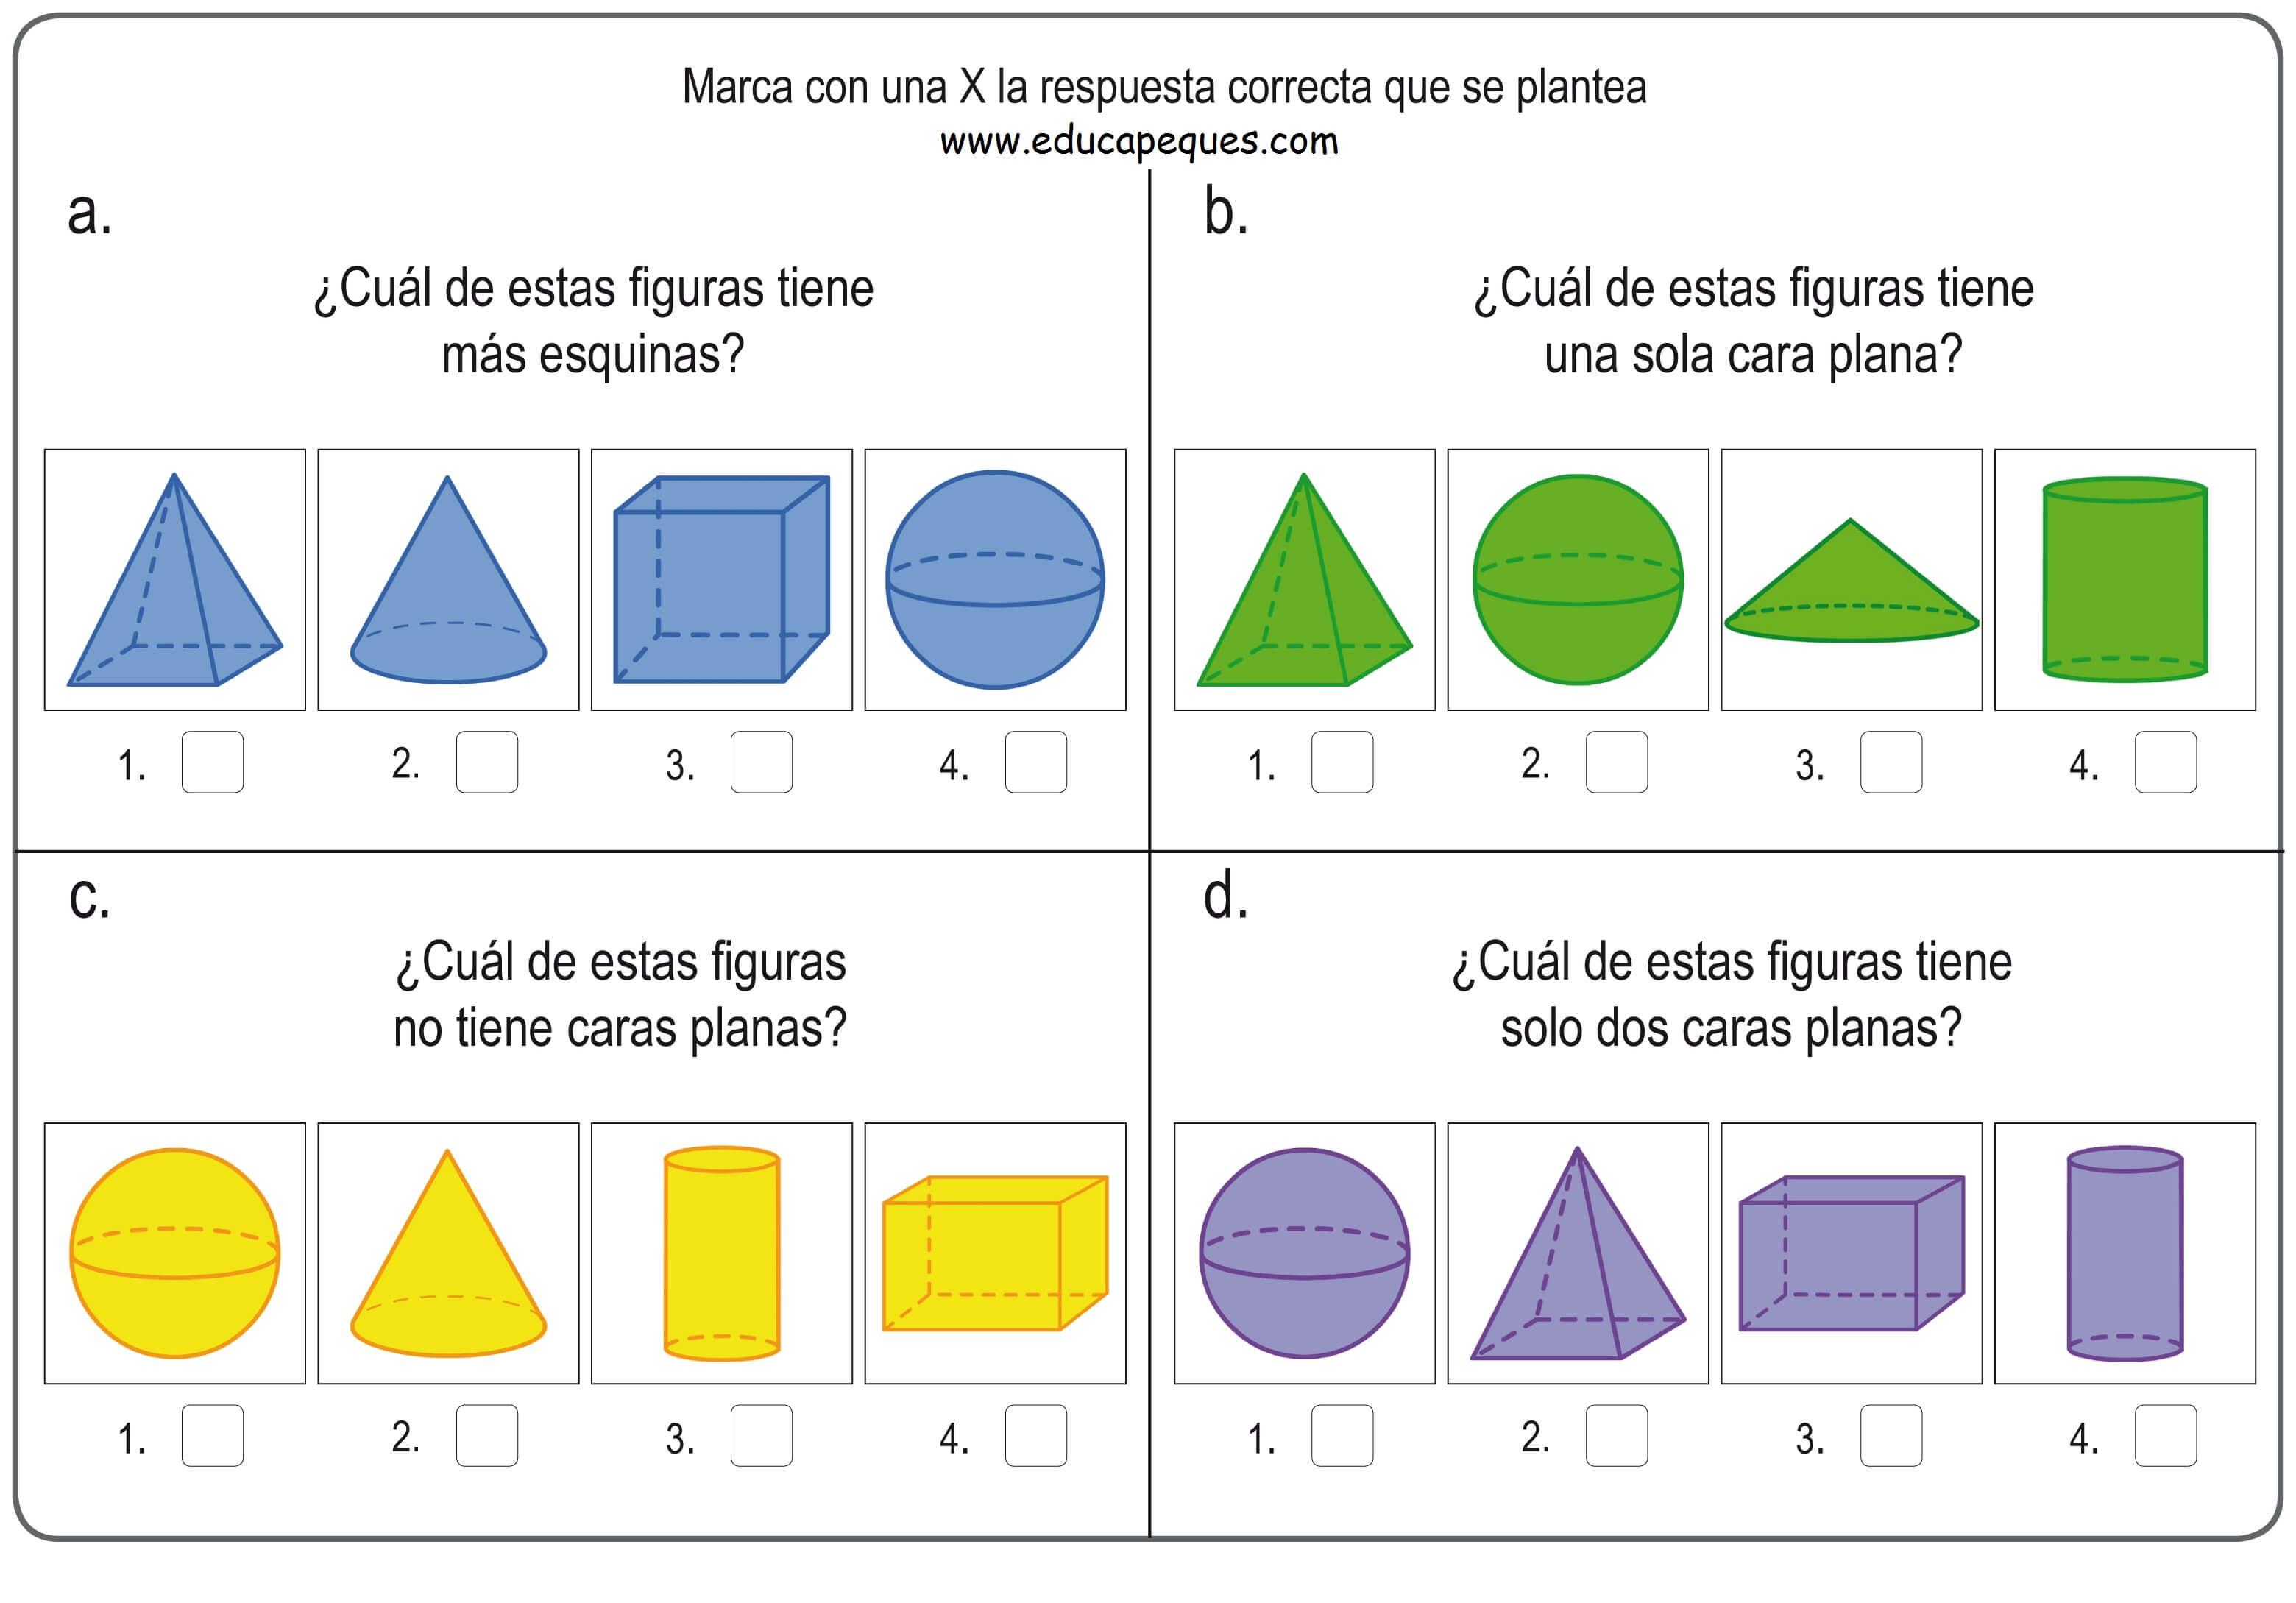 Formas y figuras geométricas tridimensionales para niños de primaria